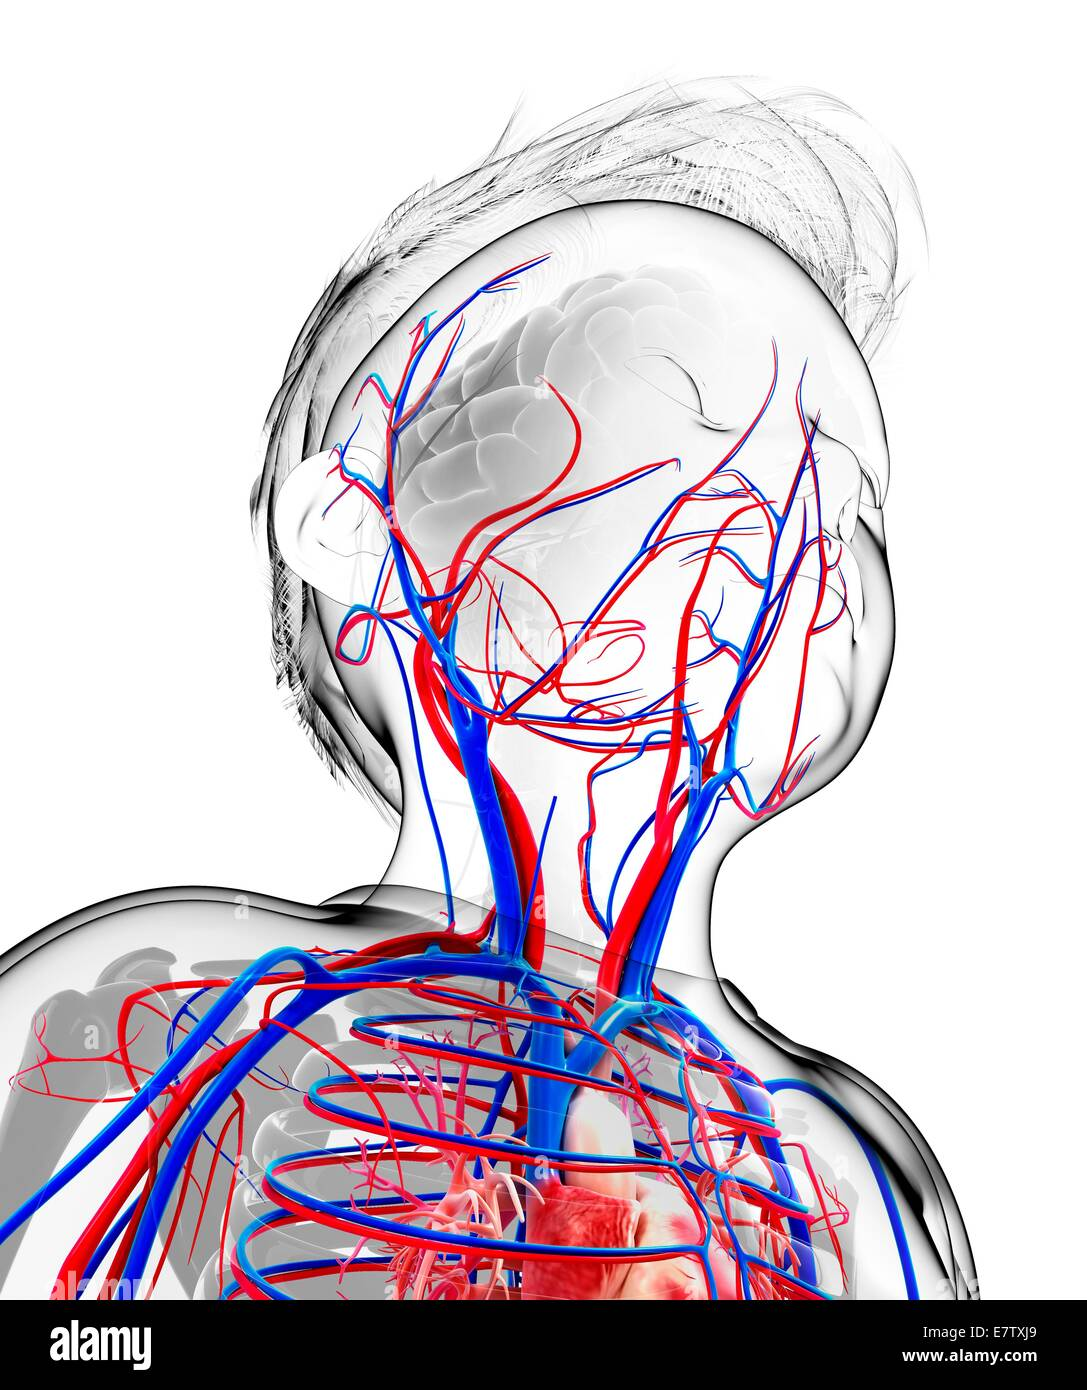 Schön Menschliches Kreislaufsystem Ideen - Menschliche Anatomie ...